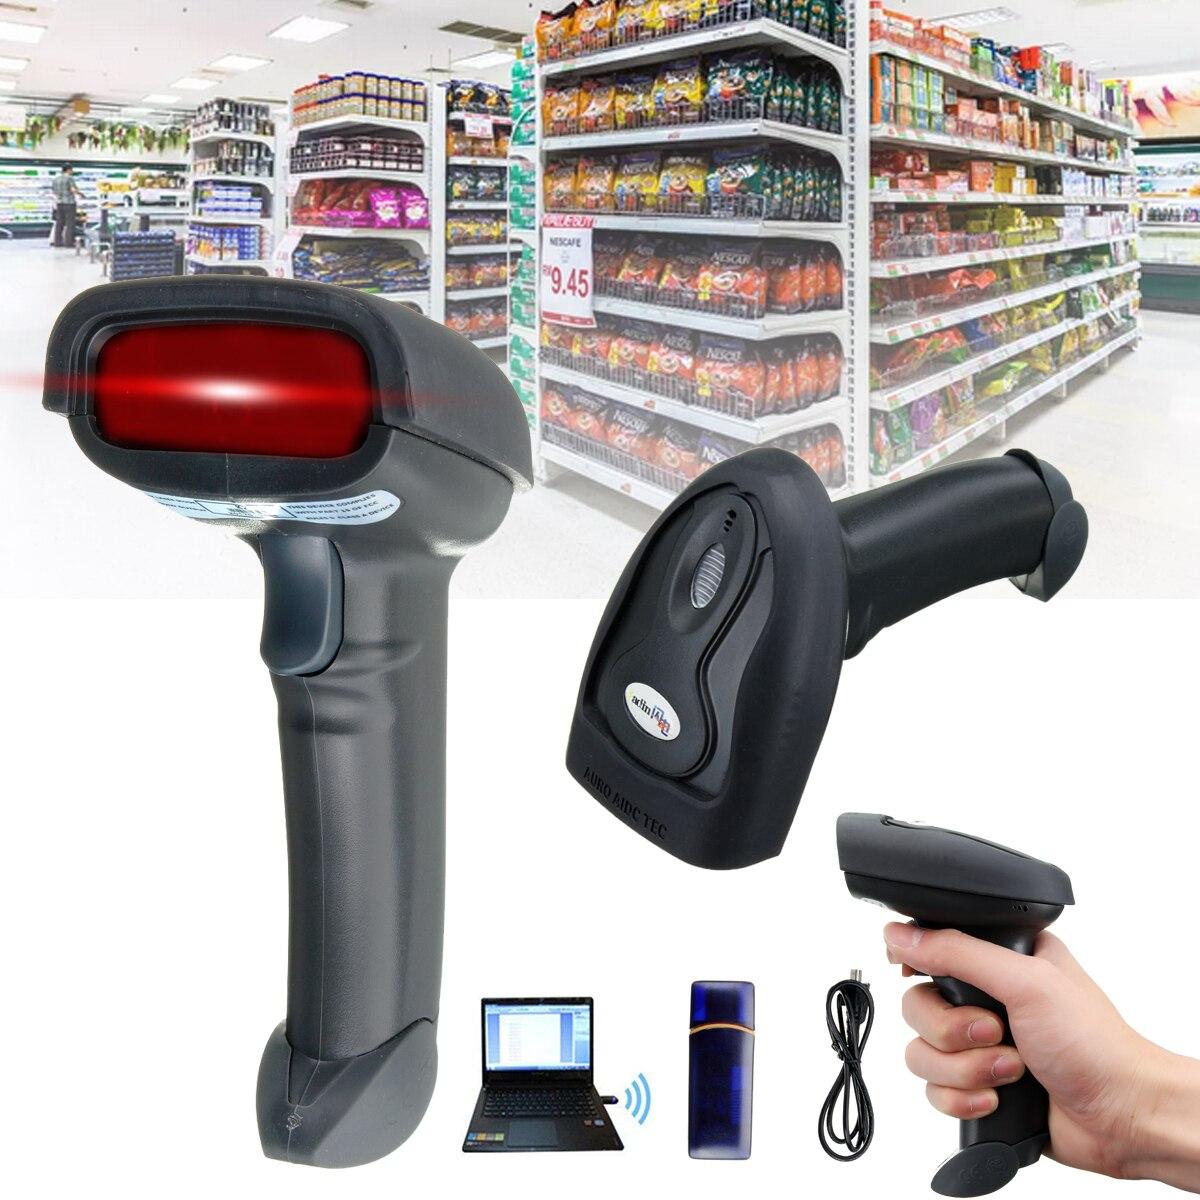 Беспроводной сканер Wi-Fi лазерный ручной сканер штрих-кода 2,4 г USB POS сканирования сканер штрихкодов читатель сканирования пистолет для супер...